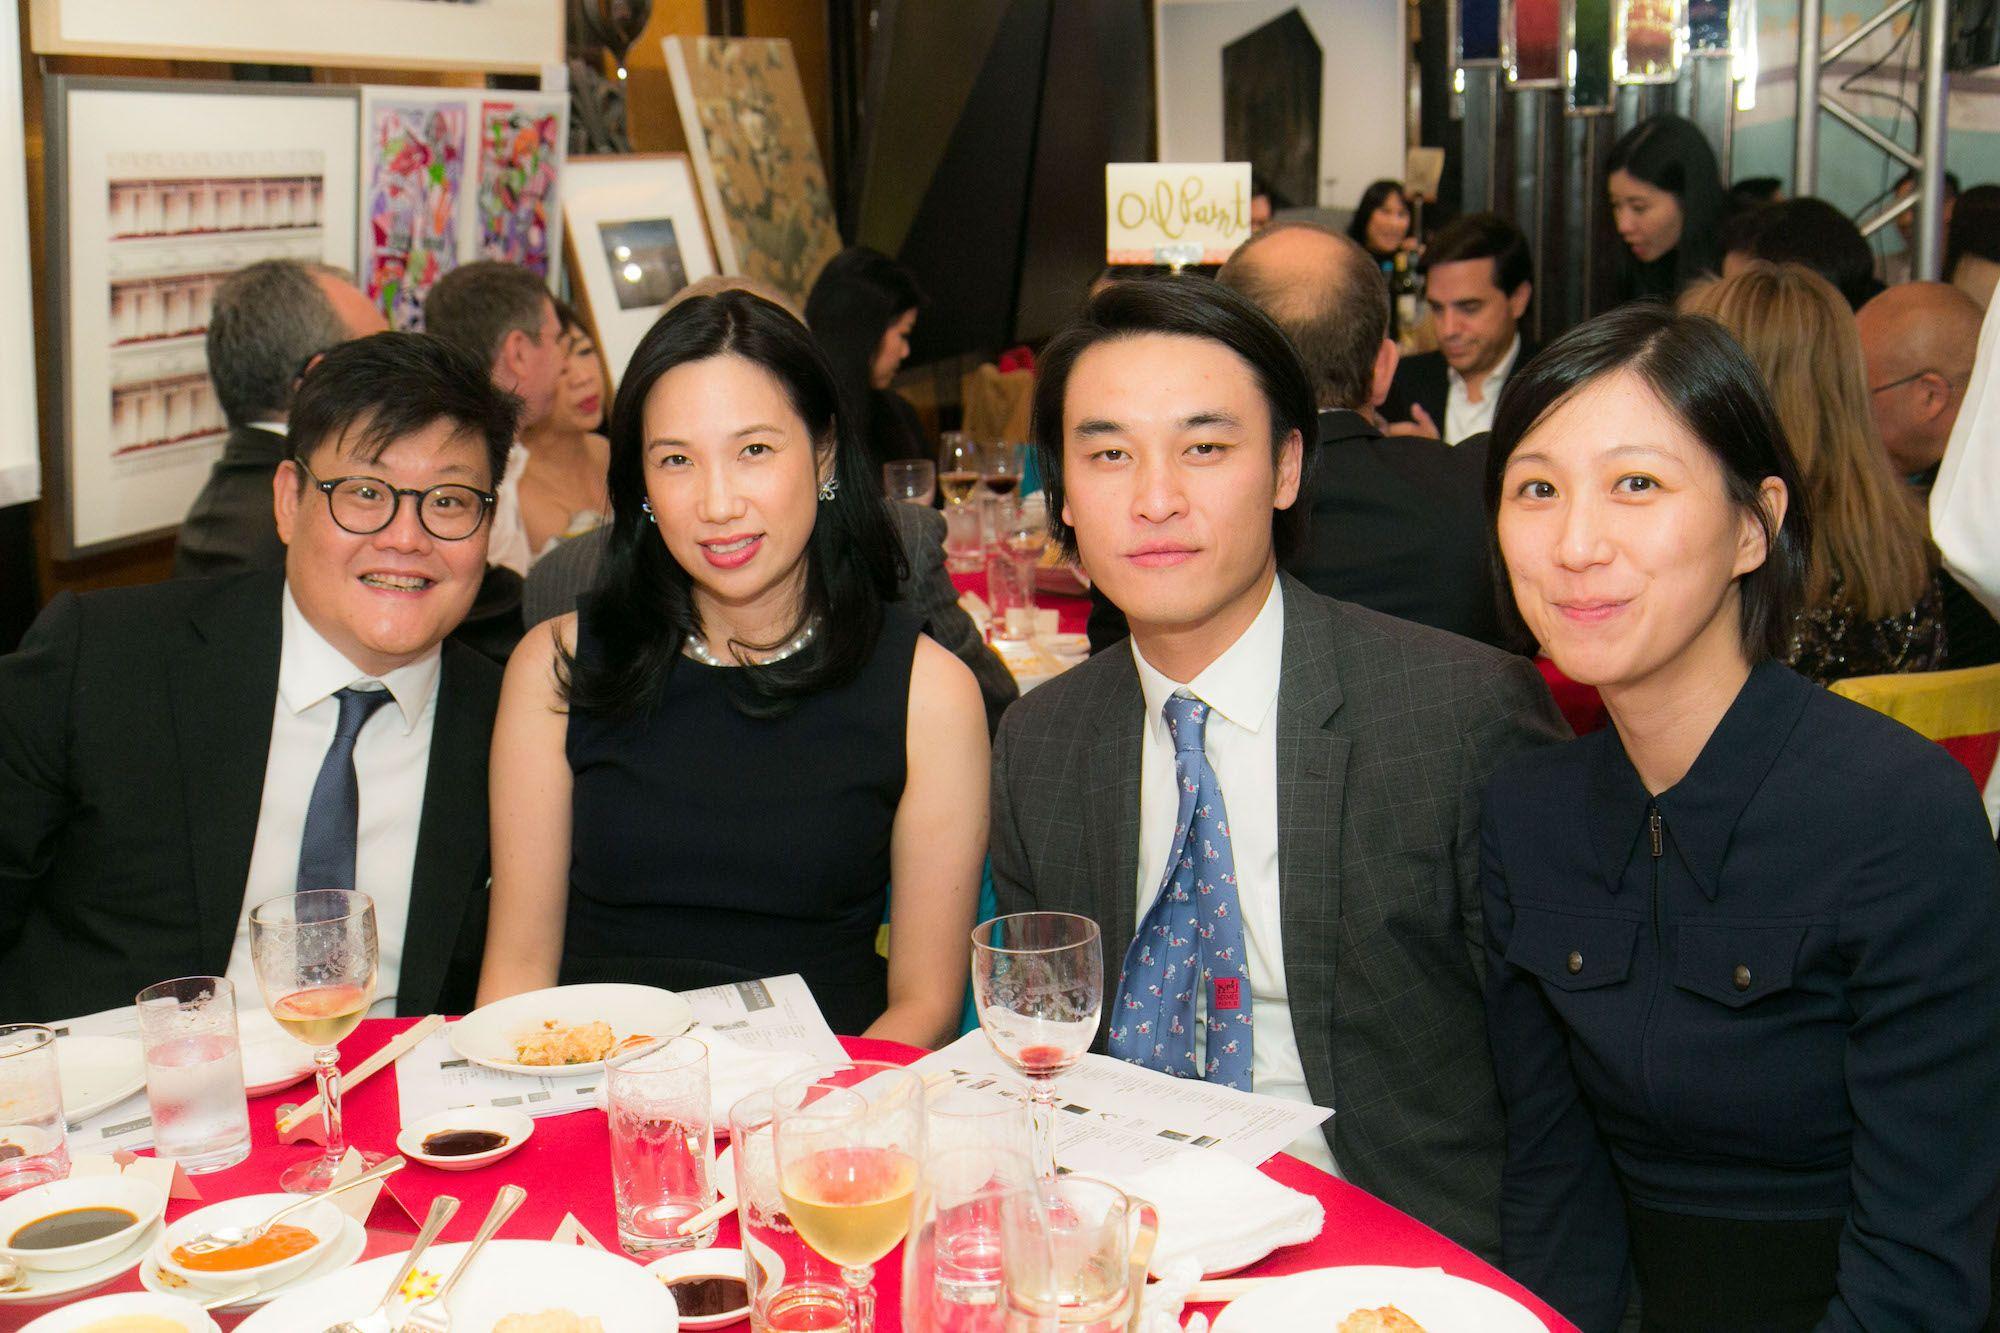 Stephen King, Diana King, Allen Tsai, Lesley Ma